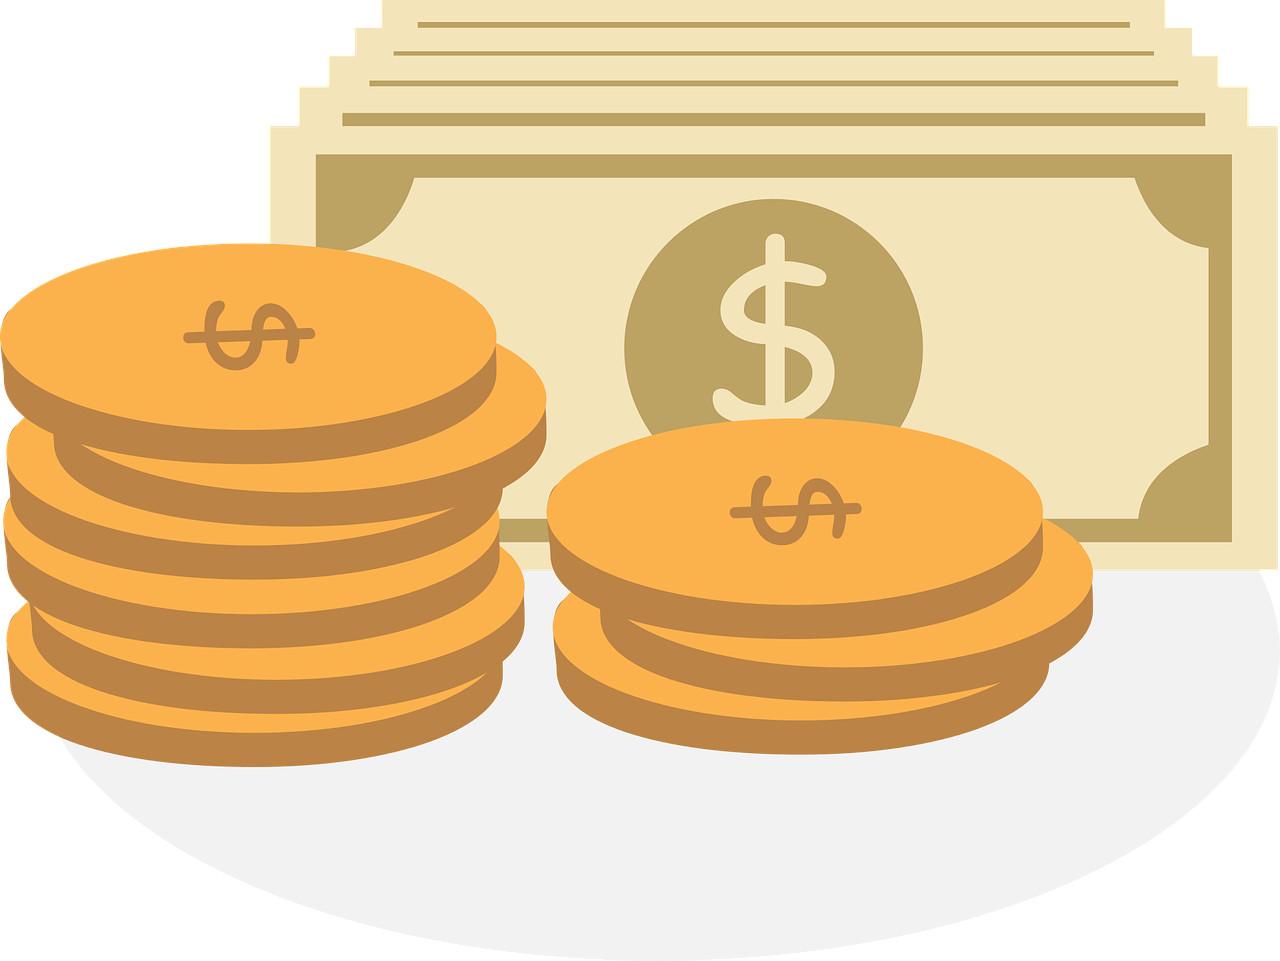 Grafik von Dollar Noten und Münzen